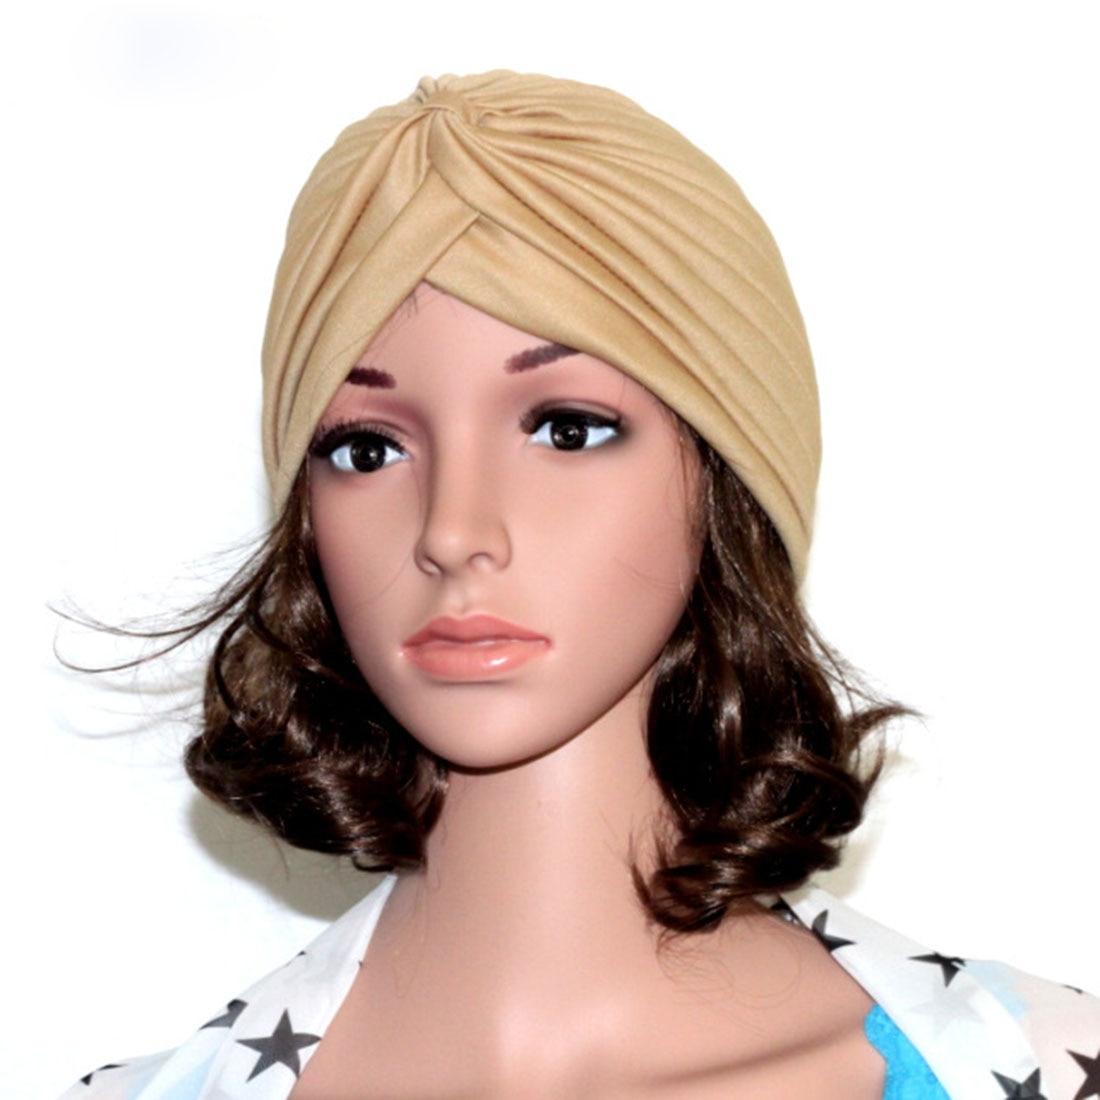 Хиджаб шарф тюрбан шапка s мусульманский головной платок Защита от солнца Кепка Женская хлопковая мусульманская многофункциональная тюрбан платок femme musulman - Цвет: 18